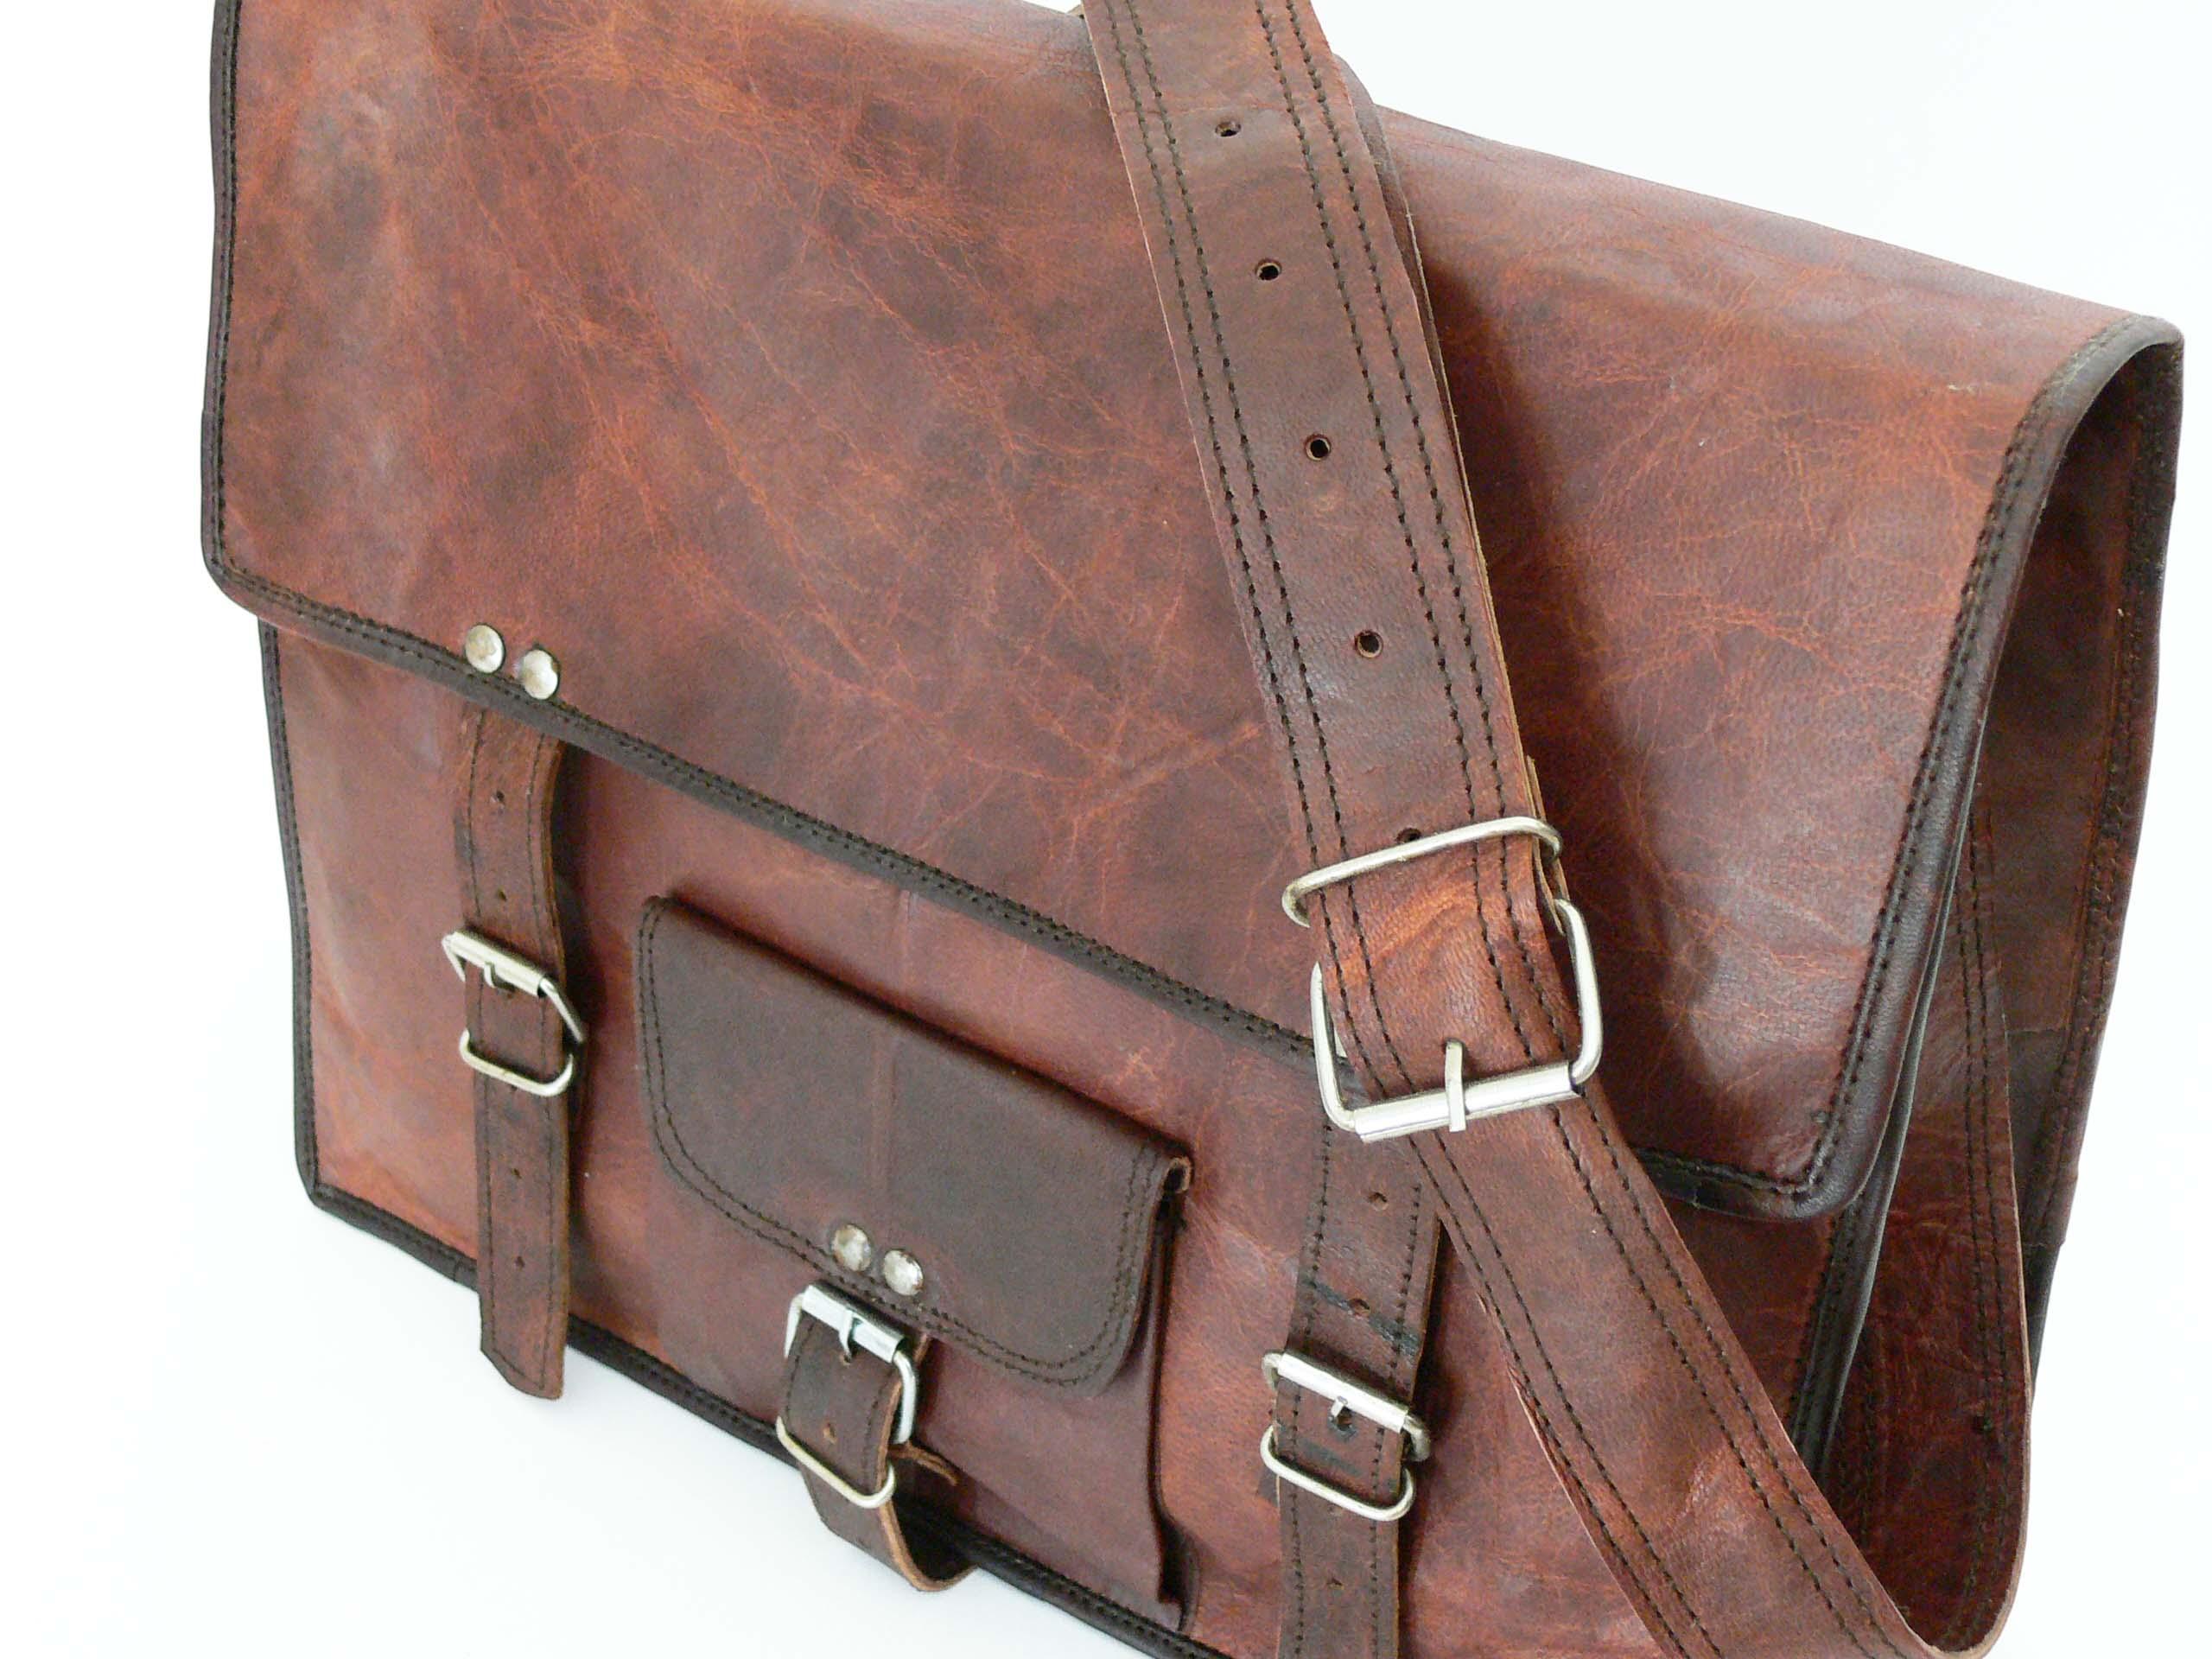 unitasche laptoptasche ledertasche herren damen braun vintage echtes leder braun ebay. Black Bedroom Furniture Sets. Home Design Ideas